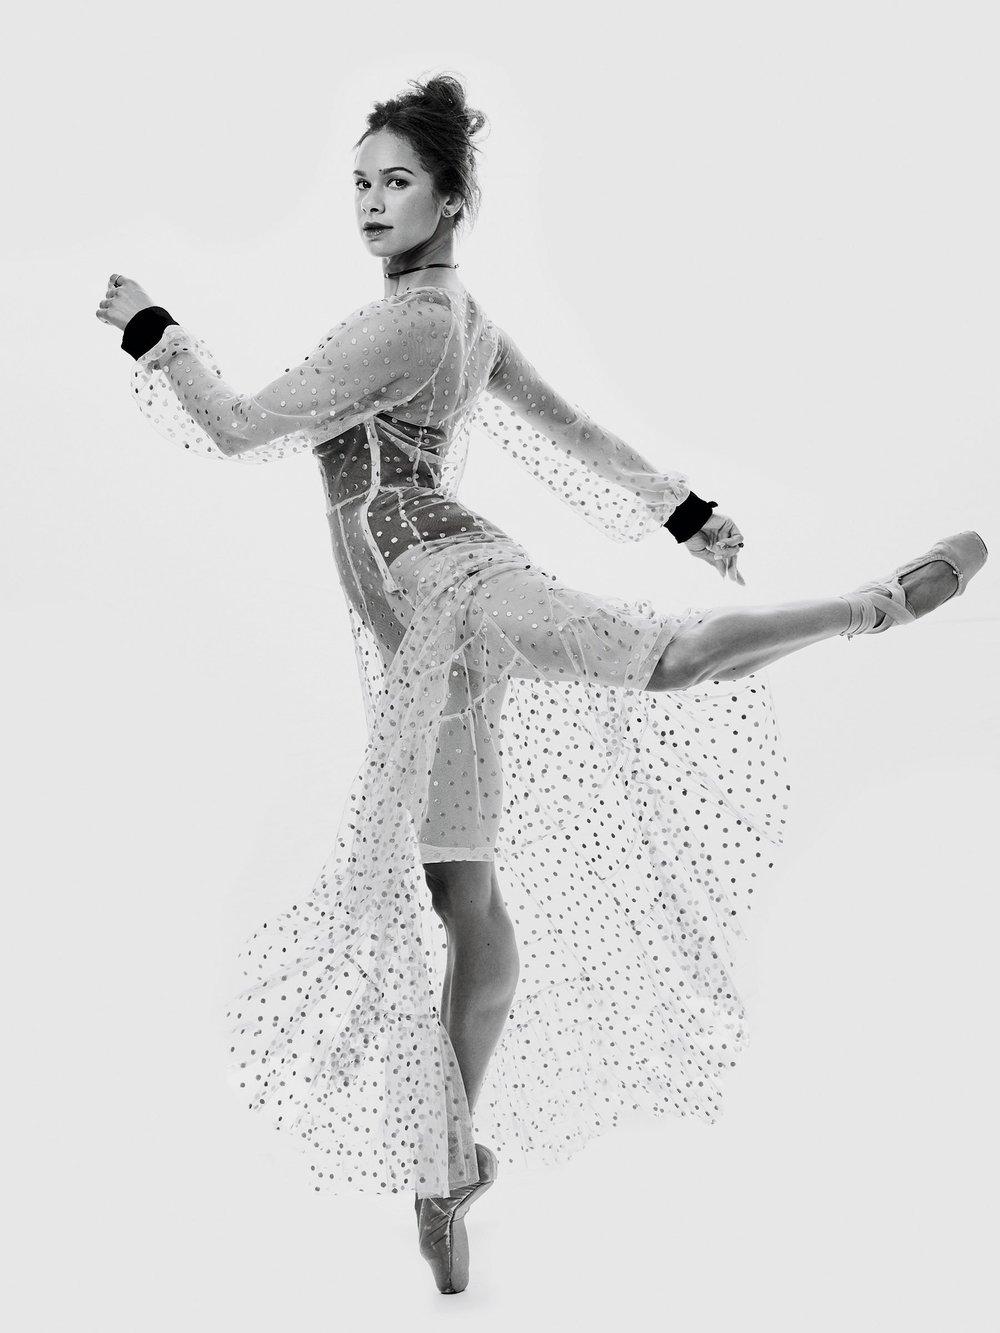 Misty Copeland, ballerina